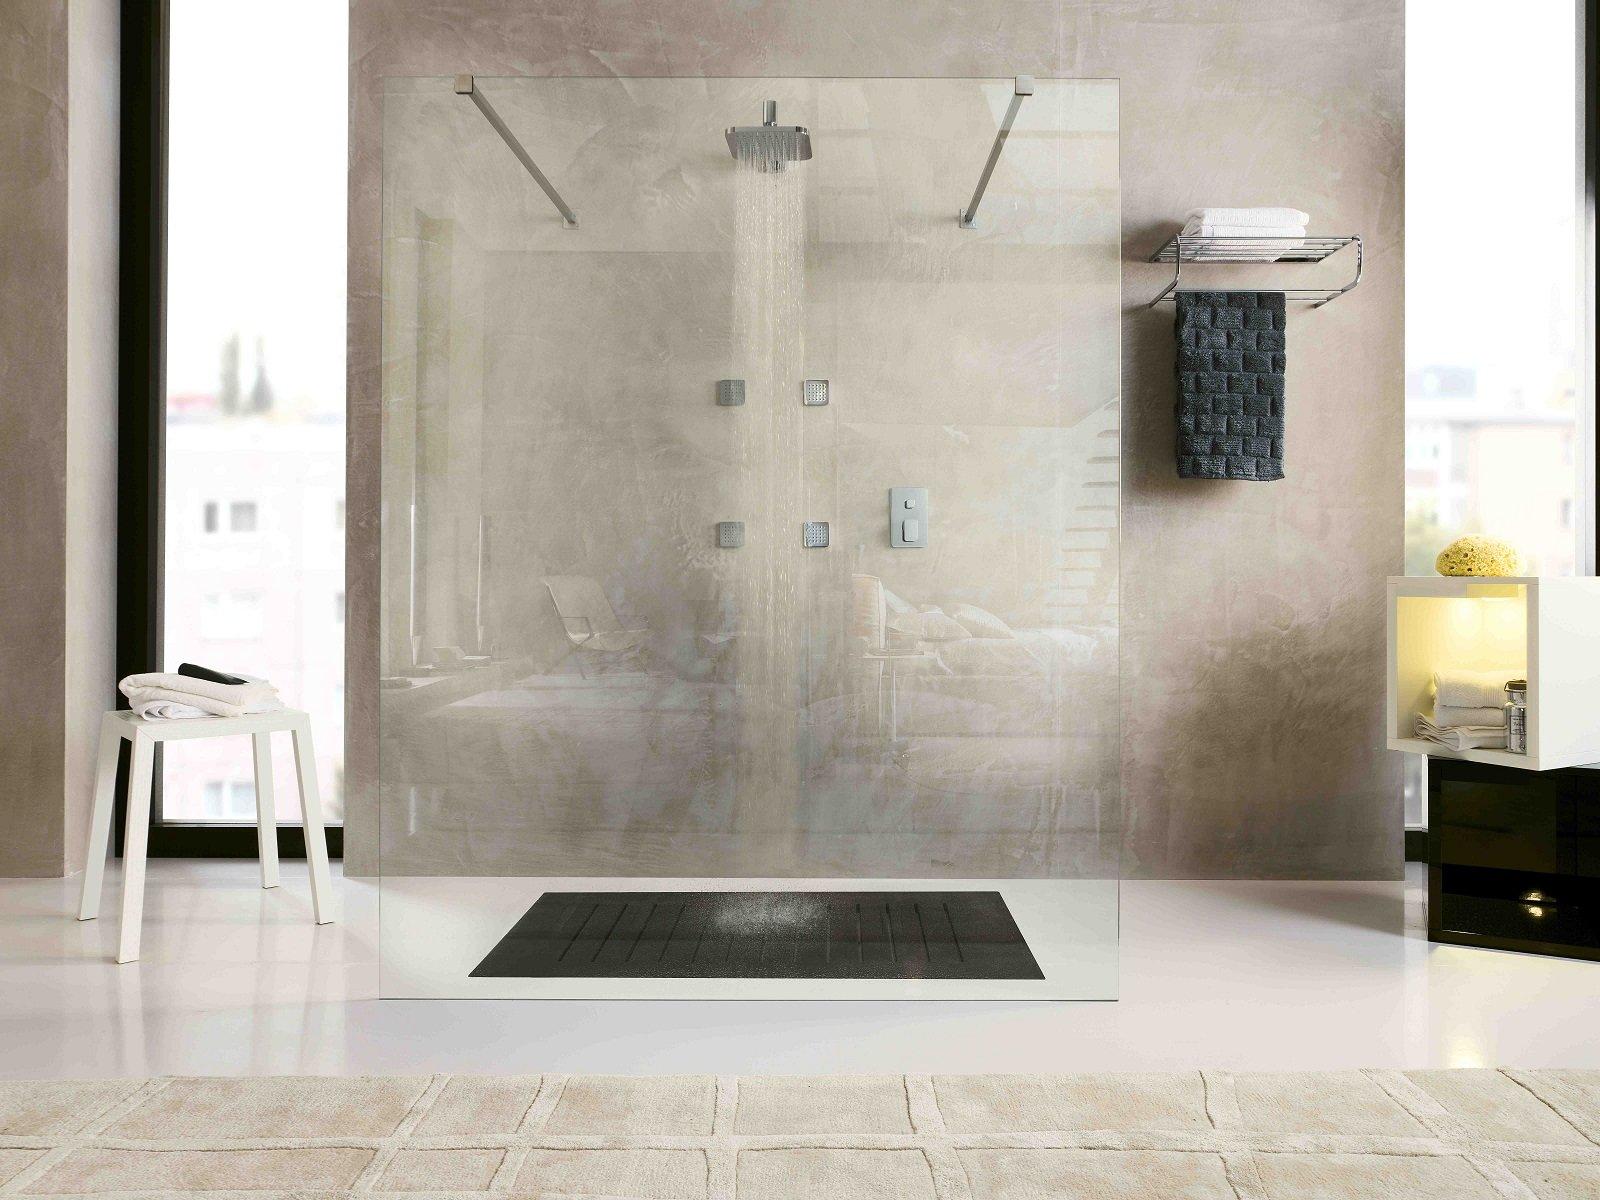 A parete o a soffitto i moderni soffioni doccia assicurano momenti di piacere e benessere - Soffione doccia soffitto ...